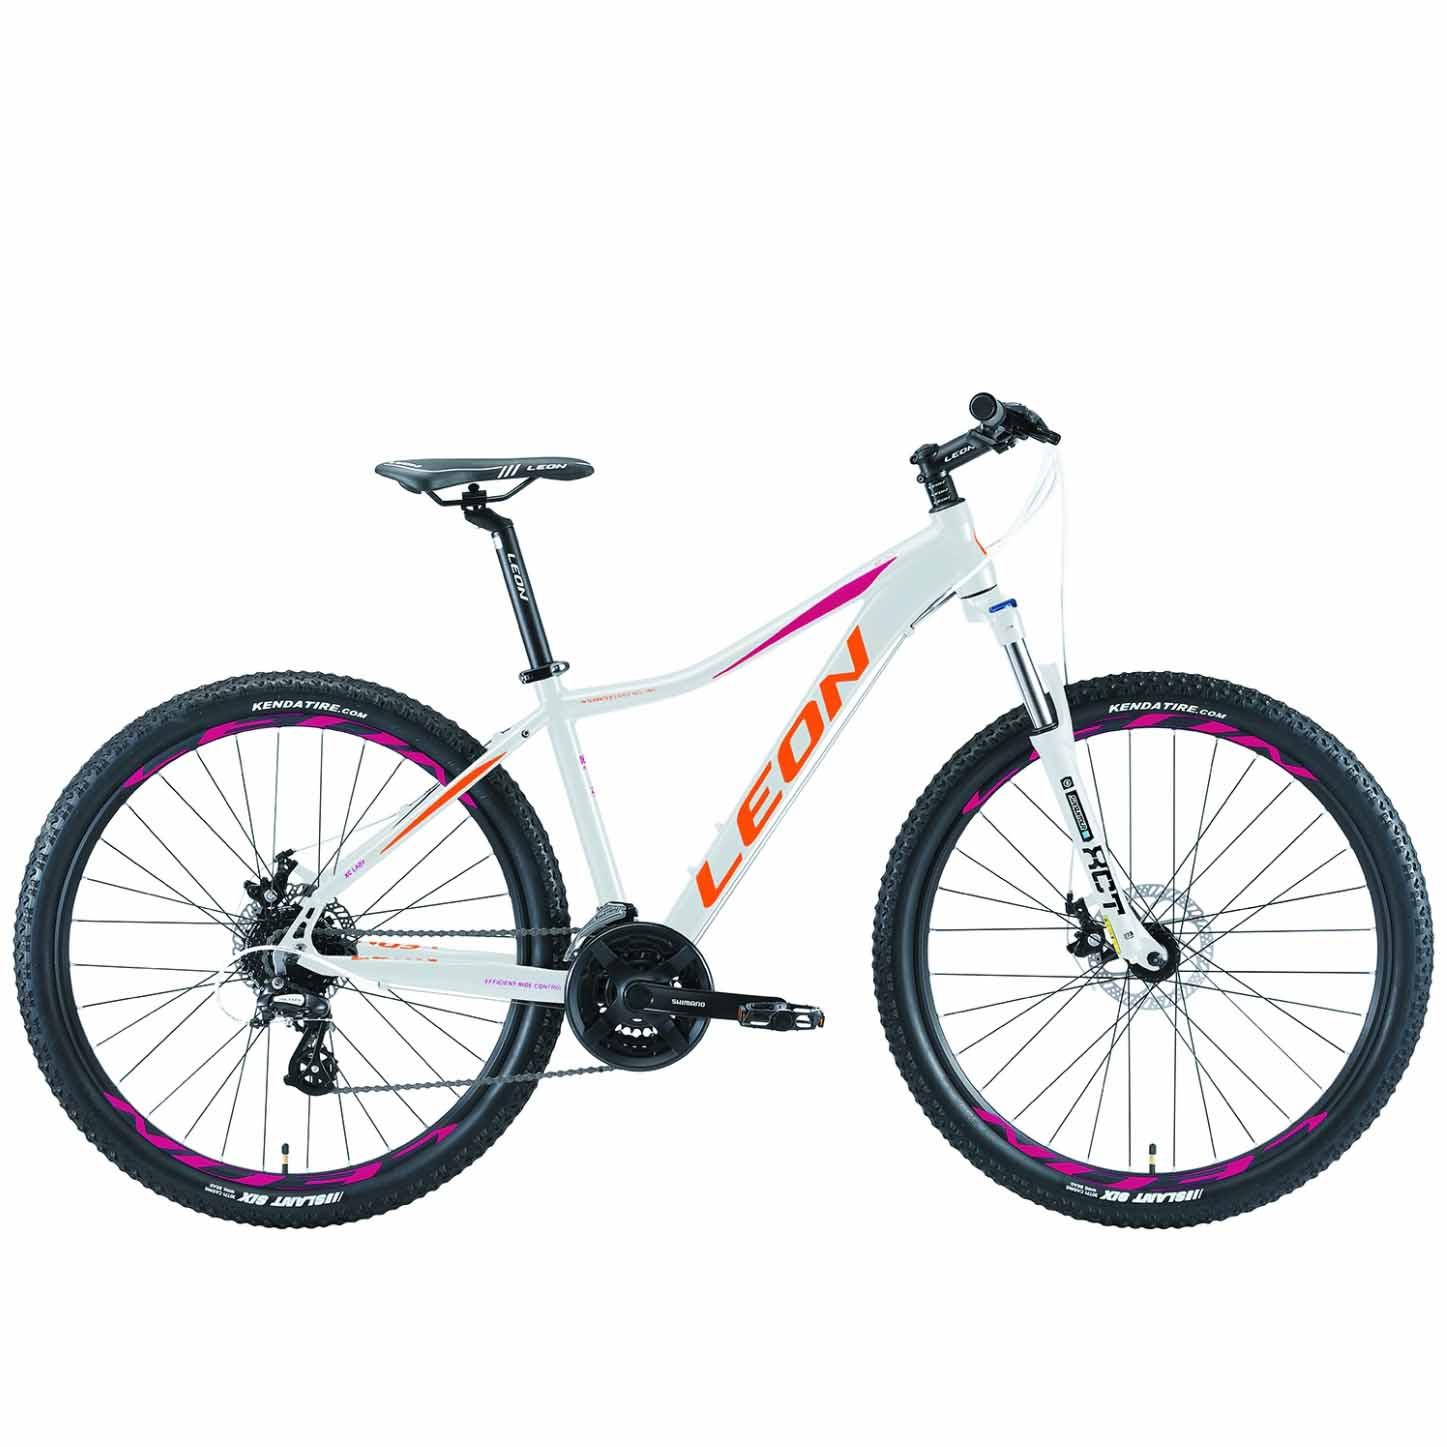 Фото Горный Велосипед 27.5 Leon XC-LADY DD бело-оранжевый с малиновым 2019